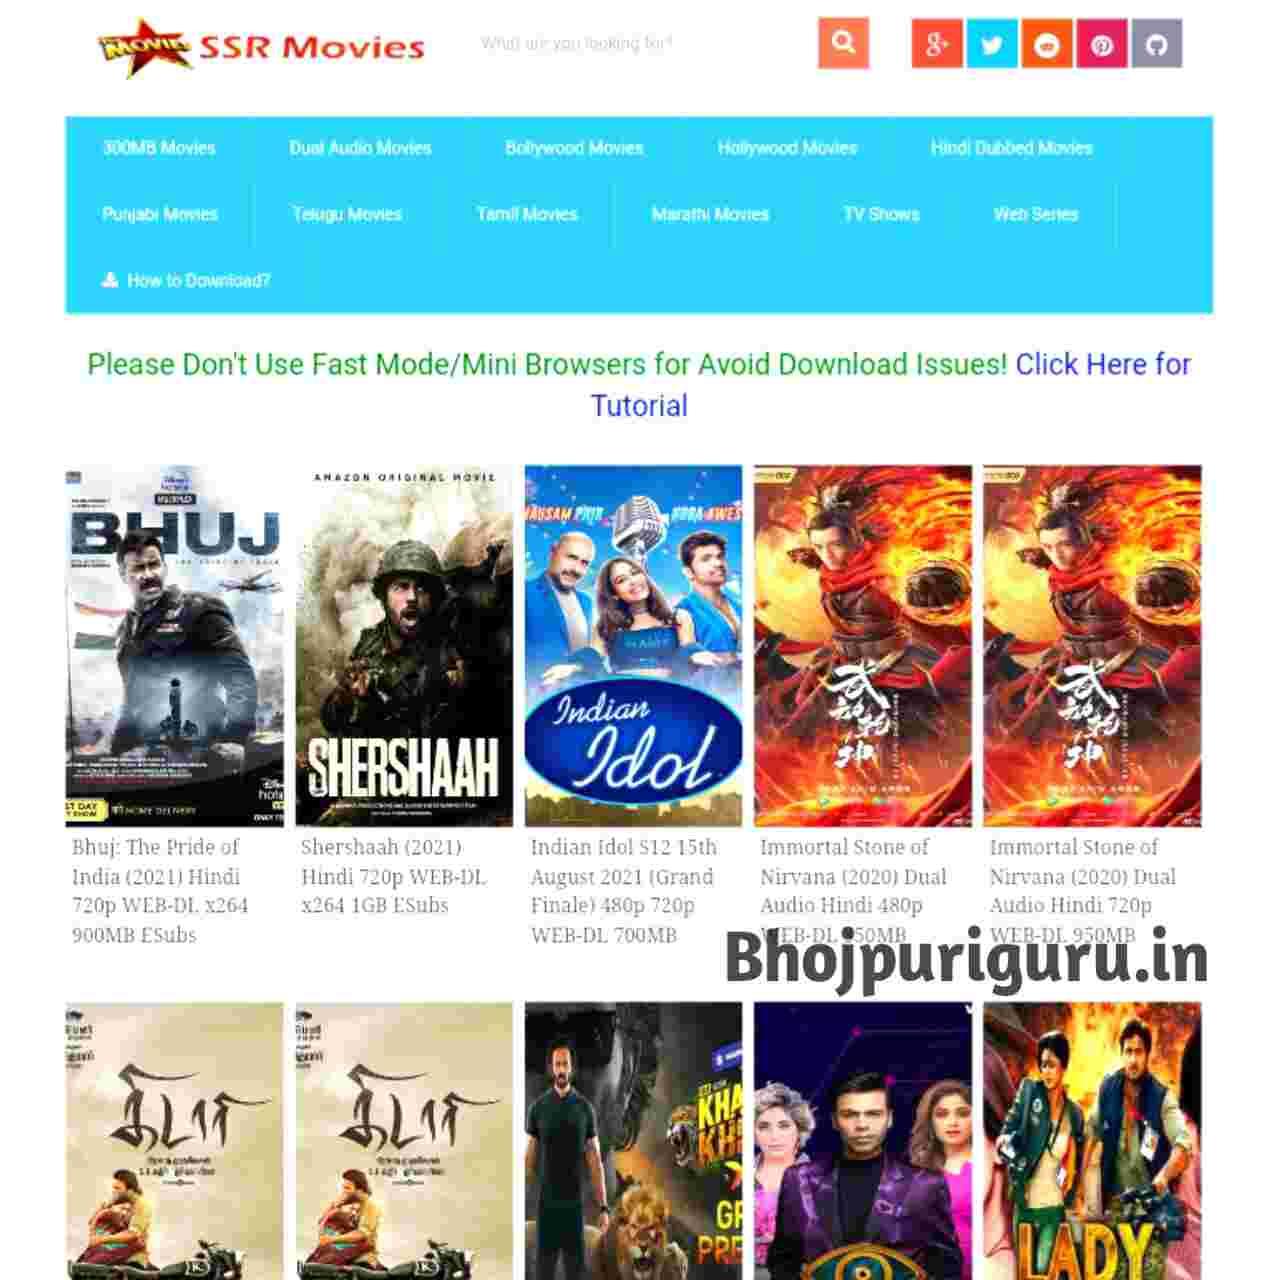 SSRmovies 2021: SSR Movies 300MB Dual Audio Hollywood, Bollywood And Hindi Dubbed Movies Download - Bhojpuri Guru